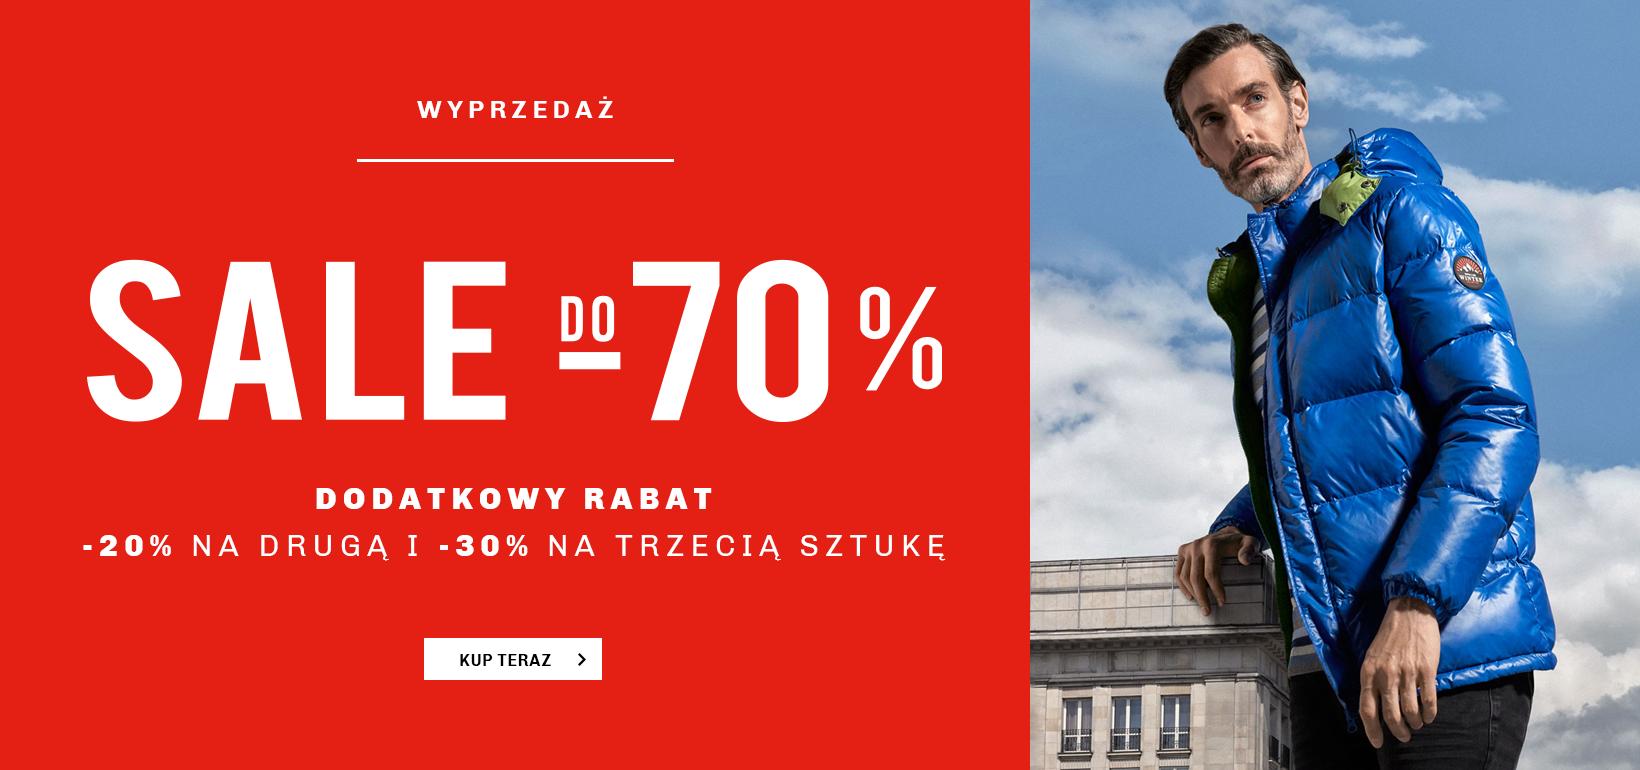 Vistula: dodatkowe 20% zniżki na drugą sztukę i dodatkowe 30% zniżki na trzecią sztukę odzieży z wyprzedaży